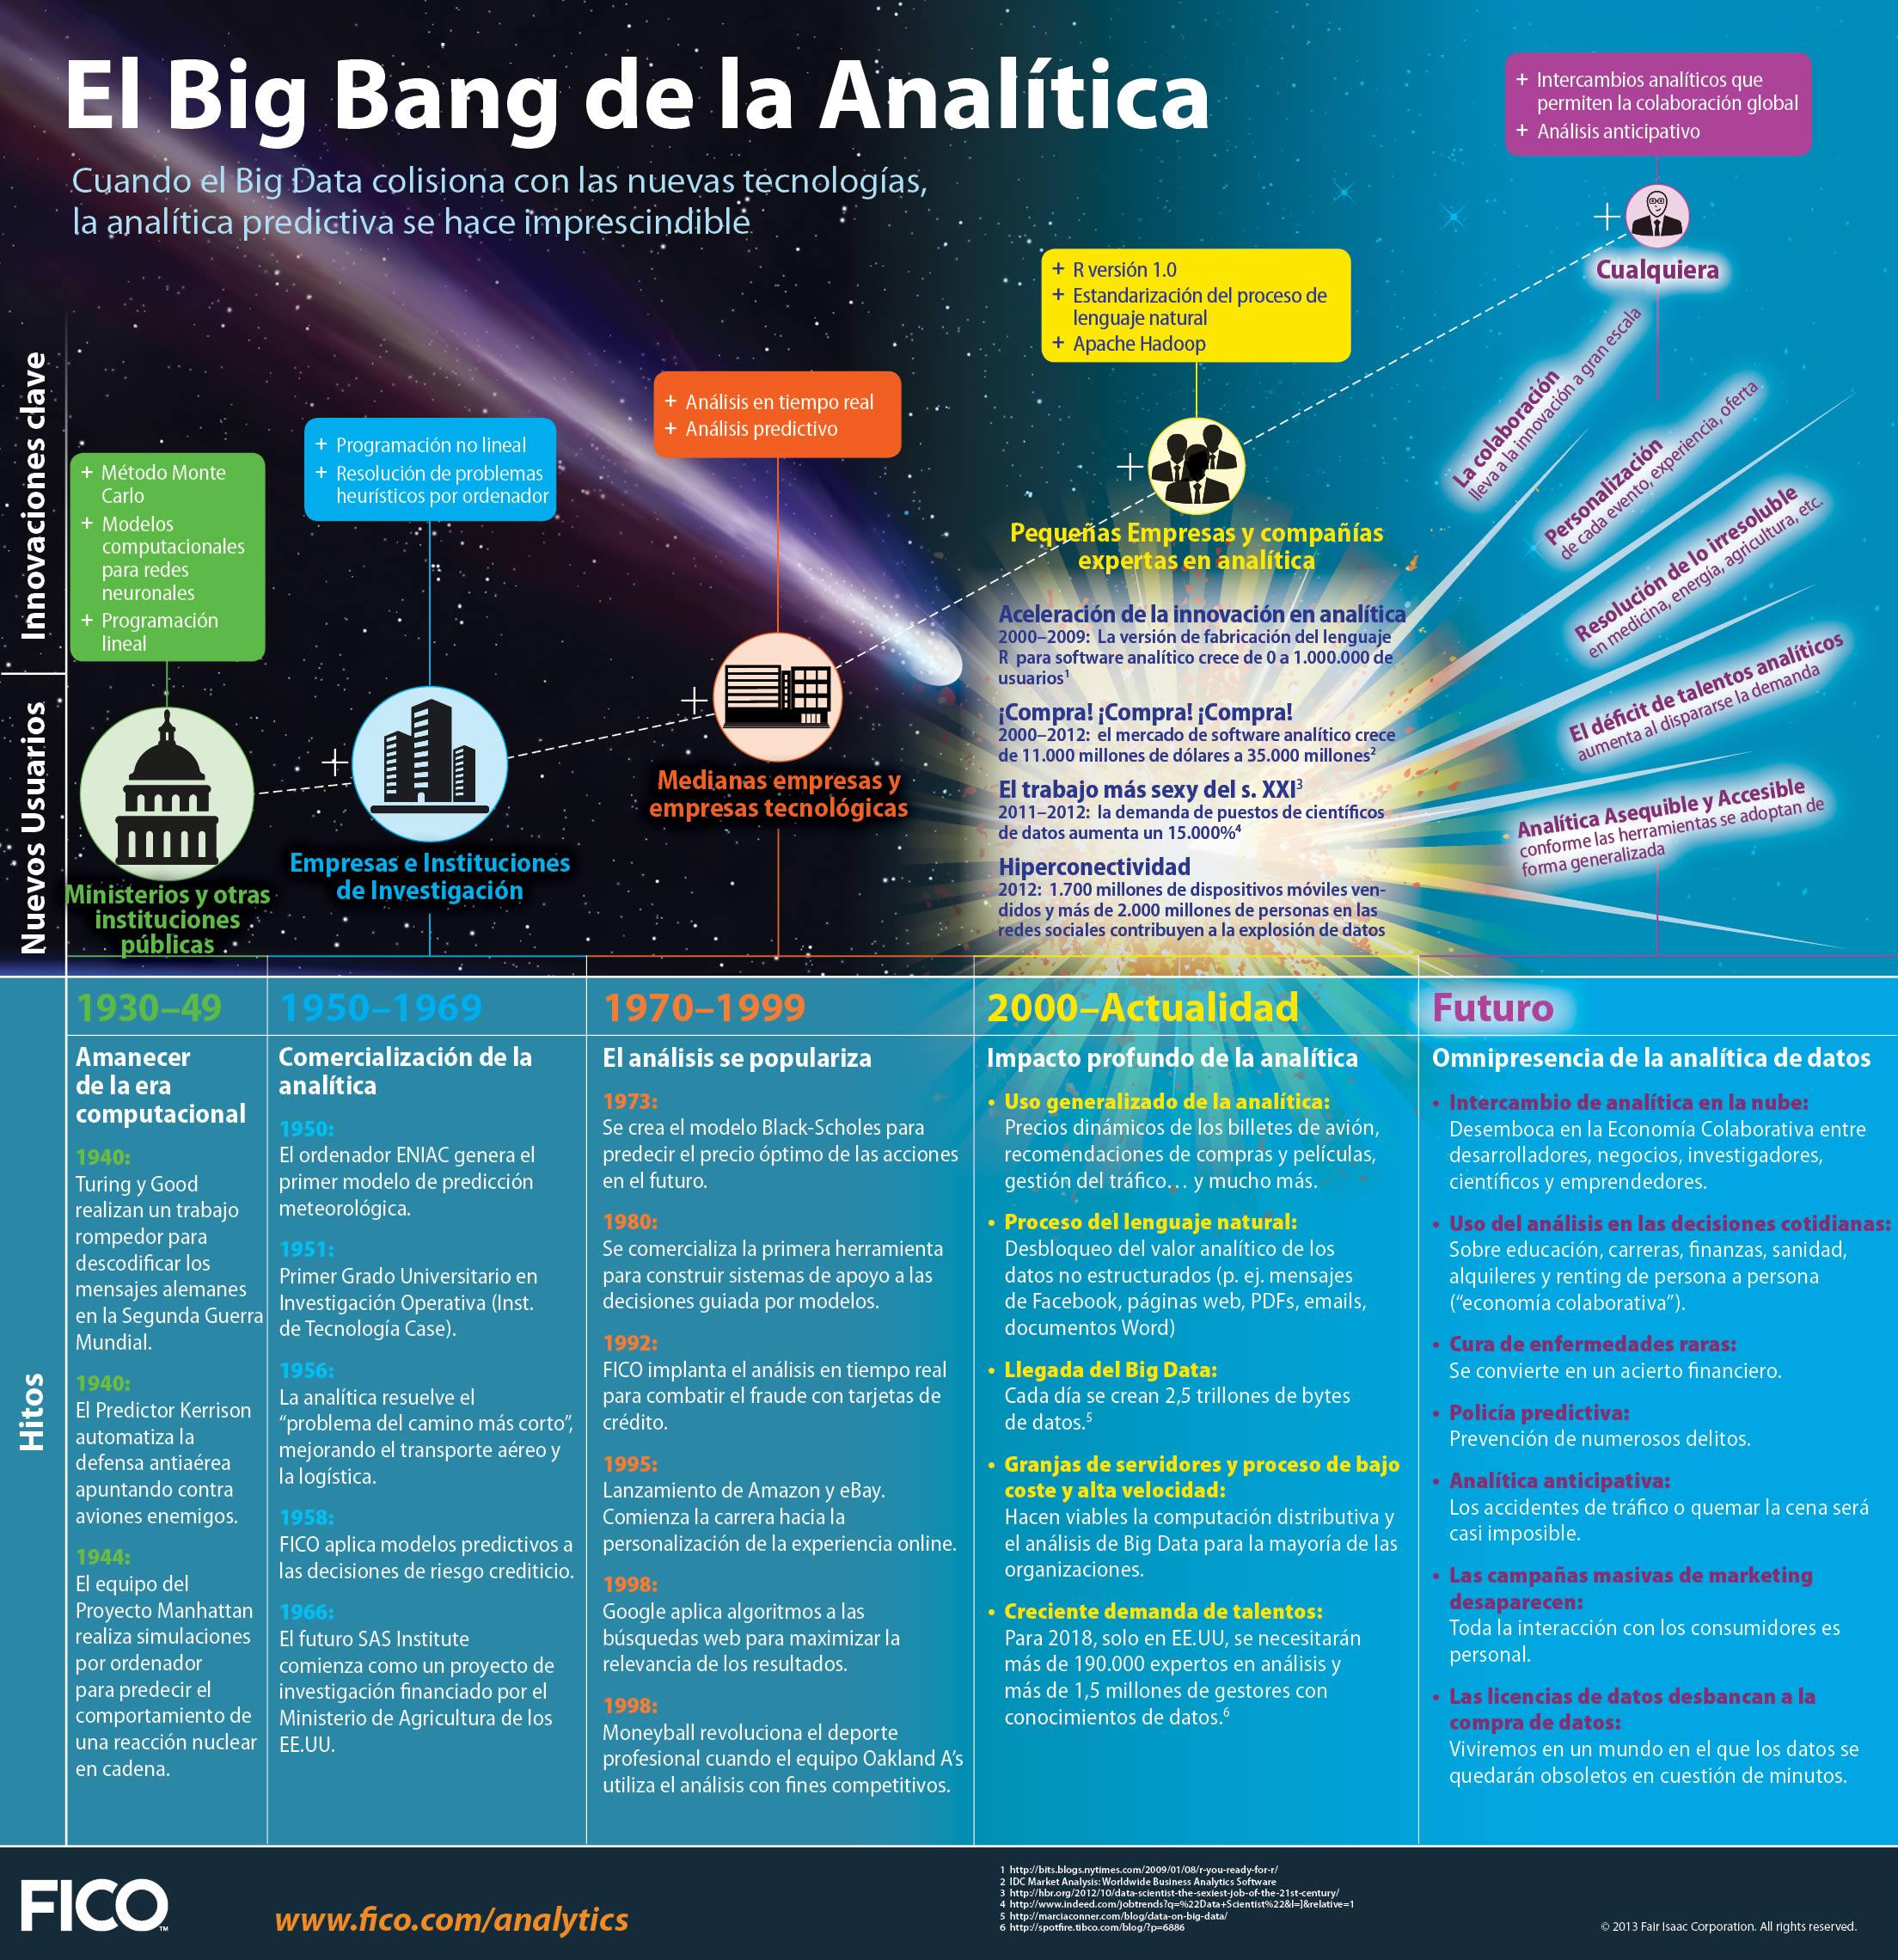 El Big Bang de la Analítica